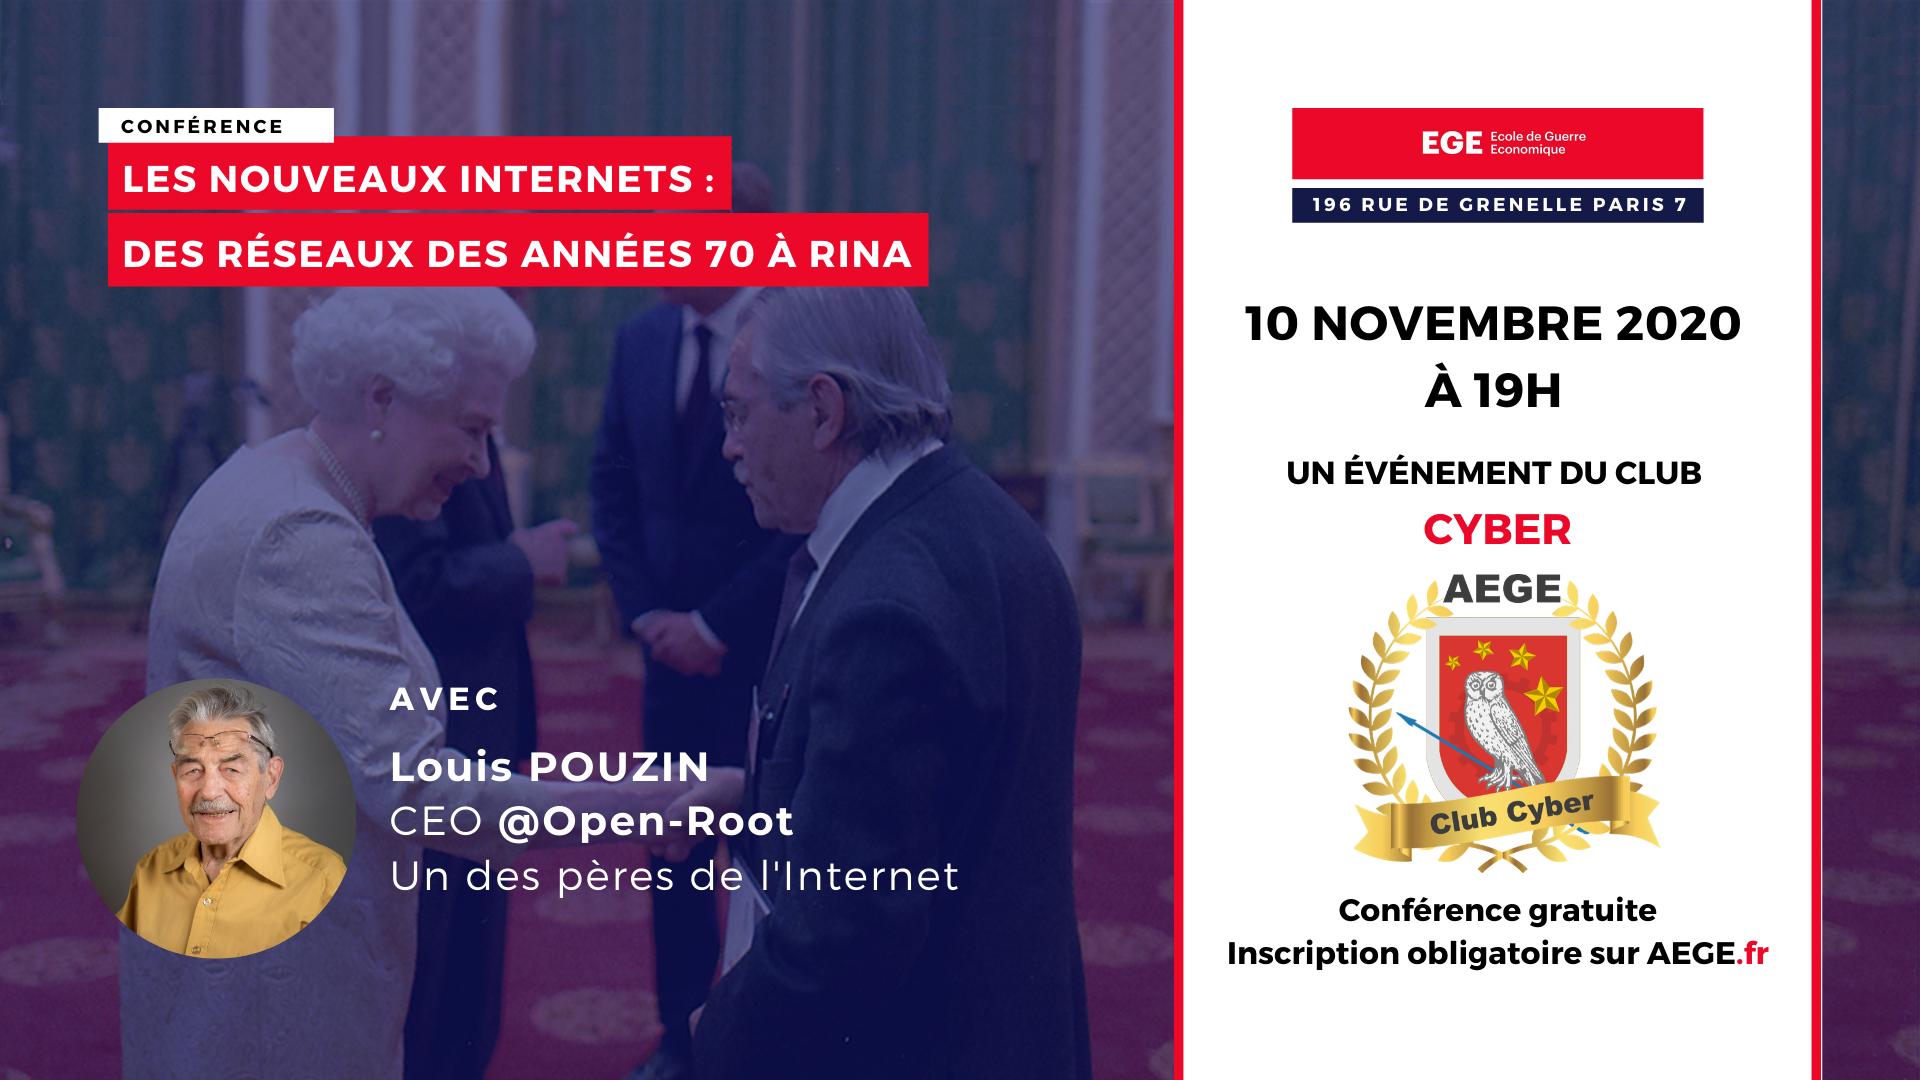 Conférence club Cyber AEGE Pouzin Rina